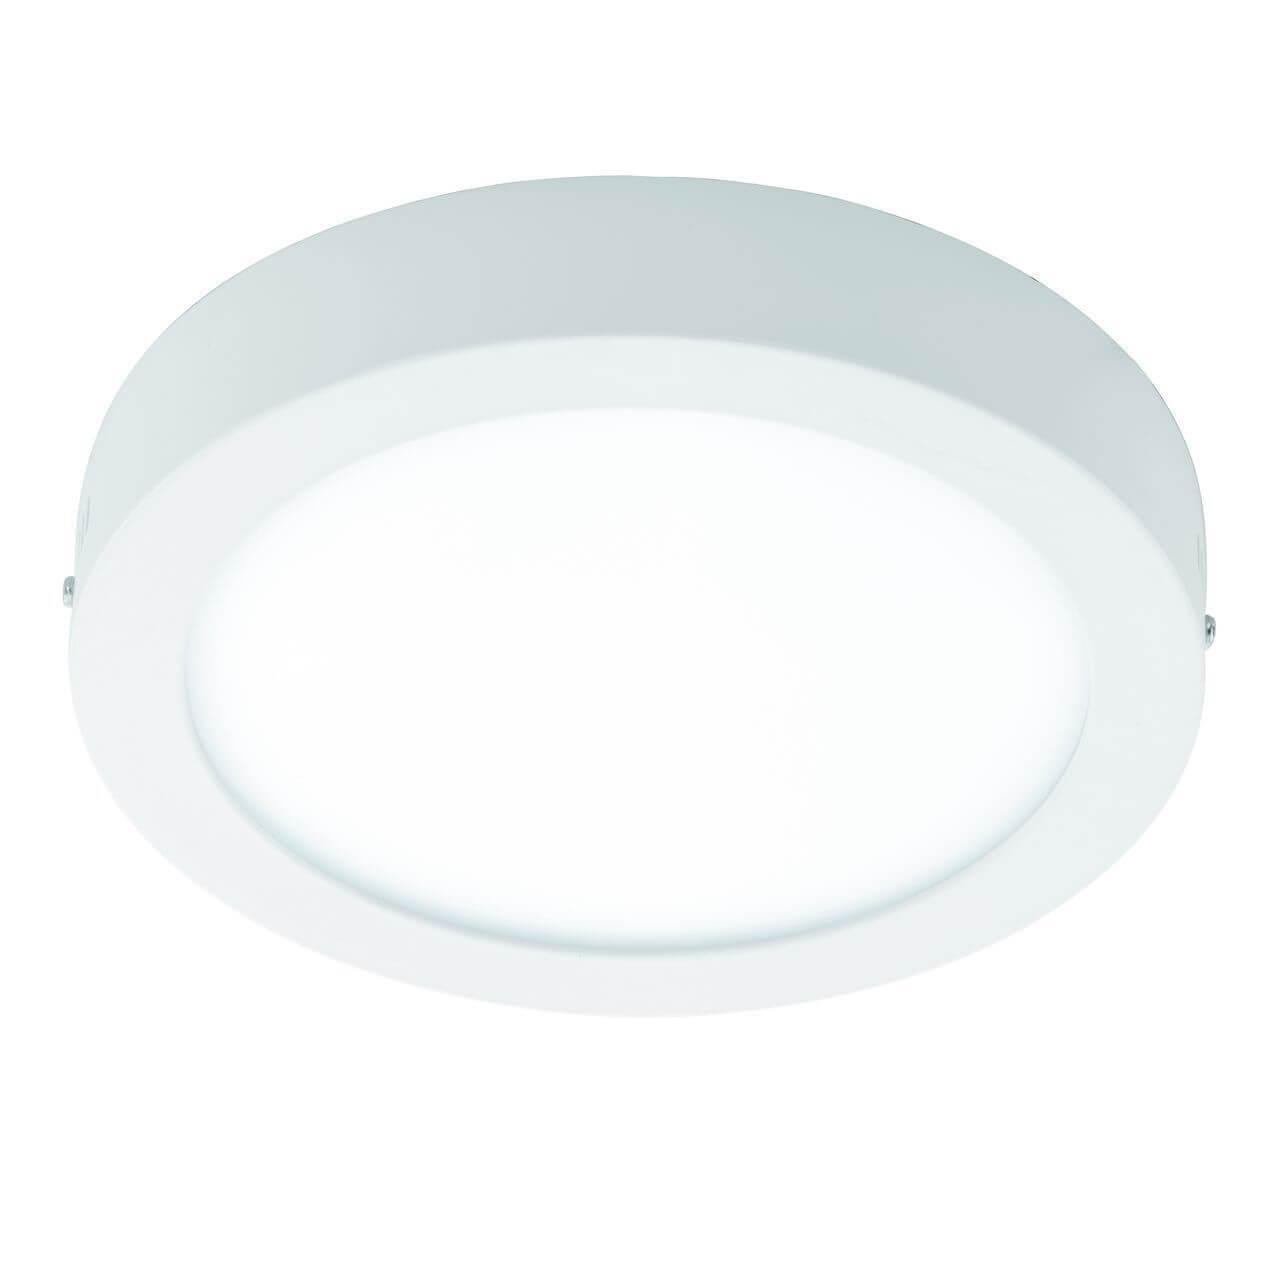 Настенно-потолочный светильник Eglo 94535, белый настенно потолочный светильник eglo 83155 белый